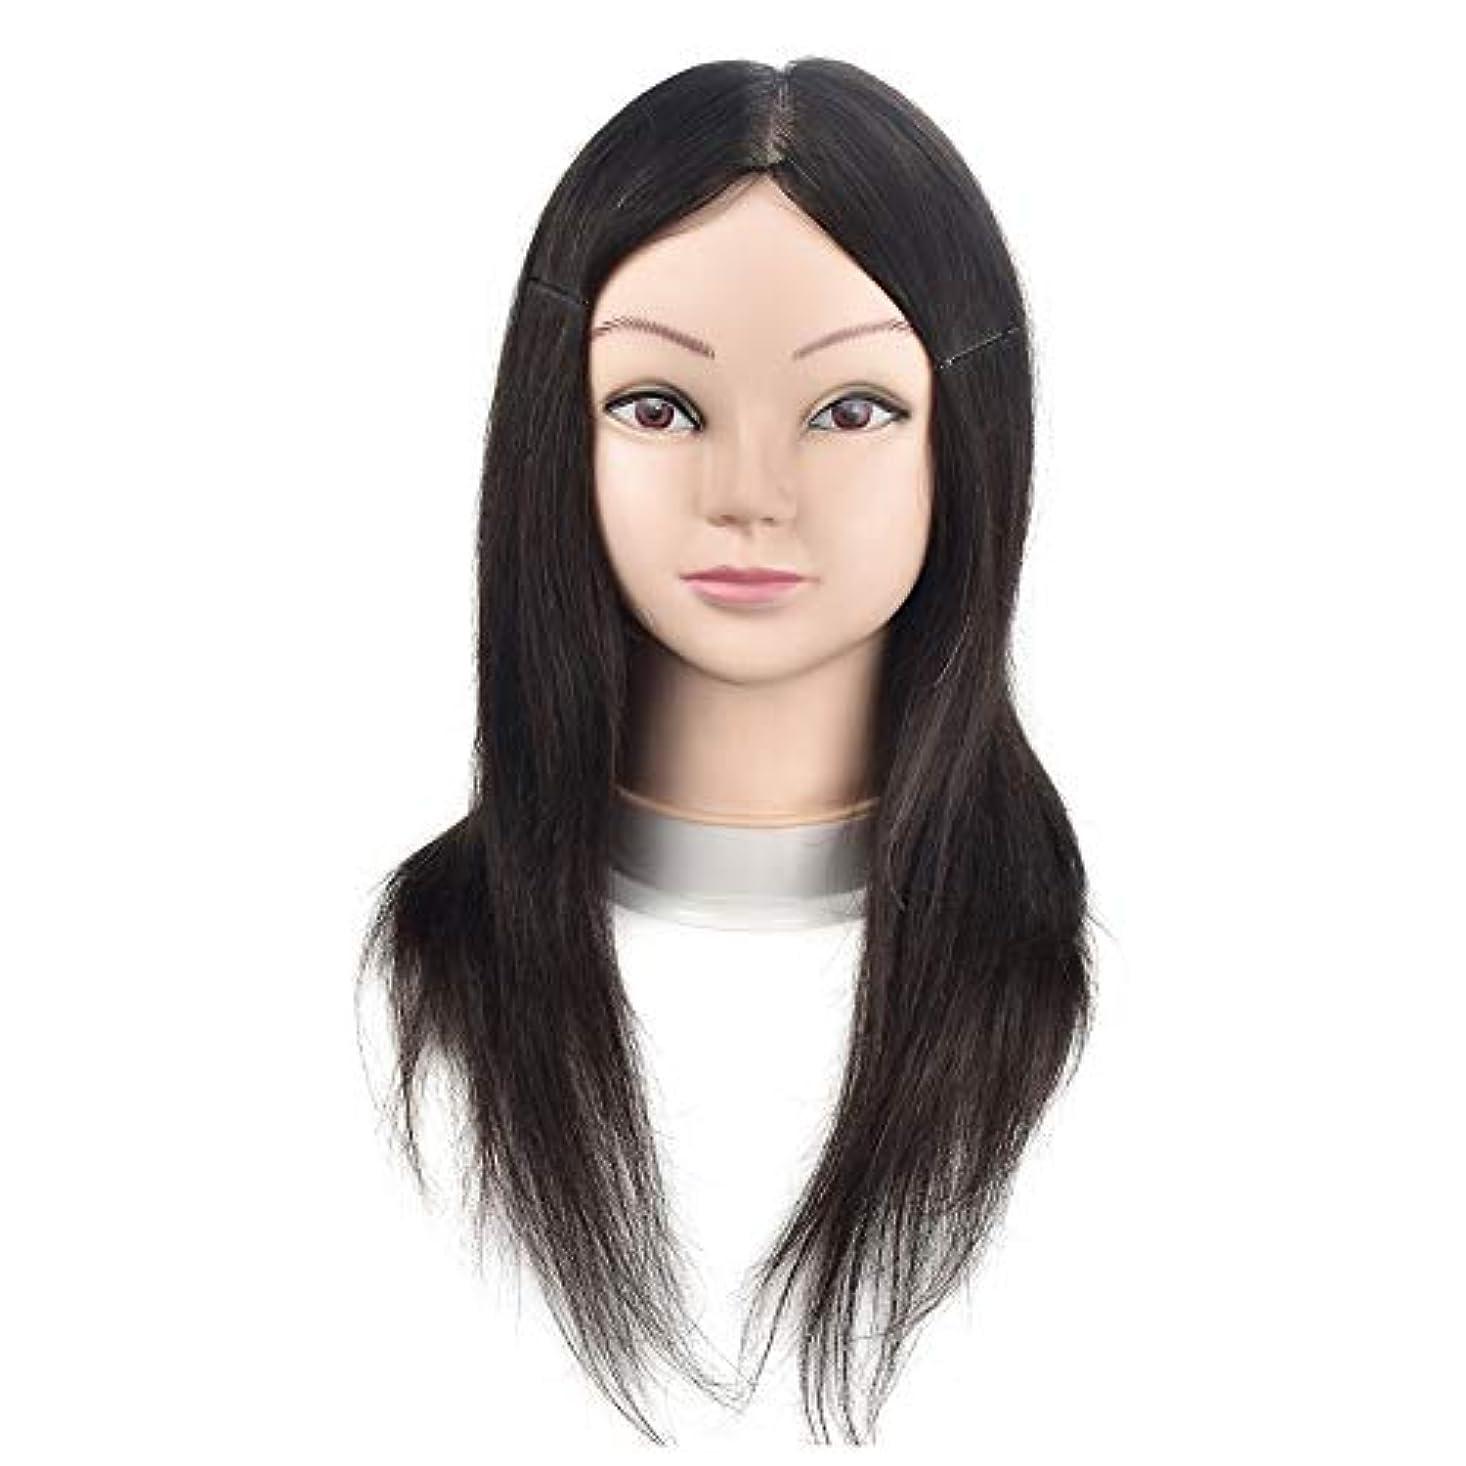 鼻あいまいポインタ本物の髪、髪編組髪、熱い染毛ヘッド型サロン形状かつら運動ヘッド散髪学習ダミーヘッド